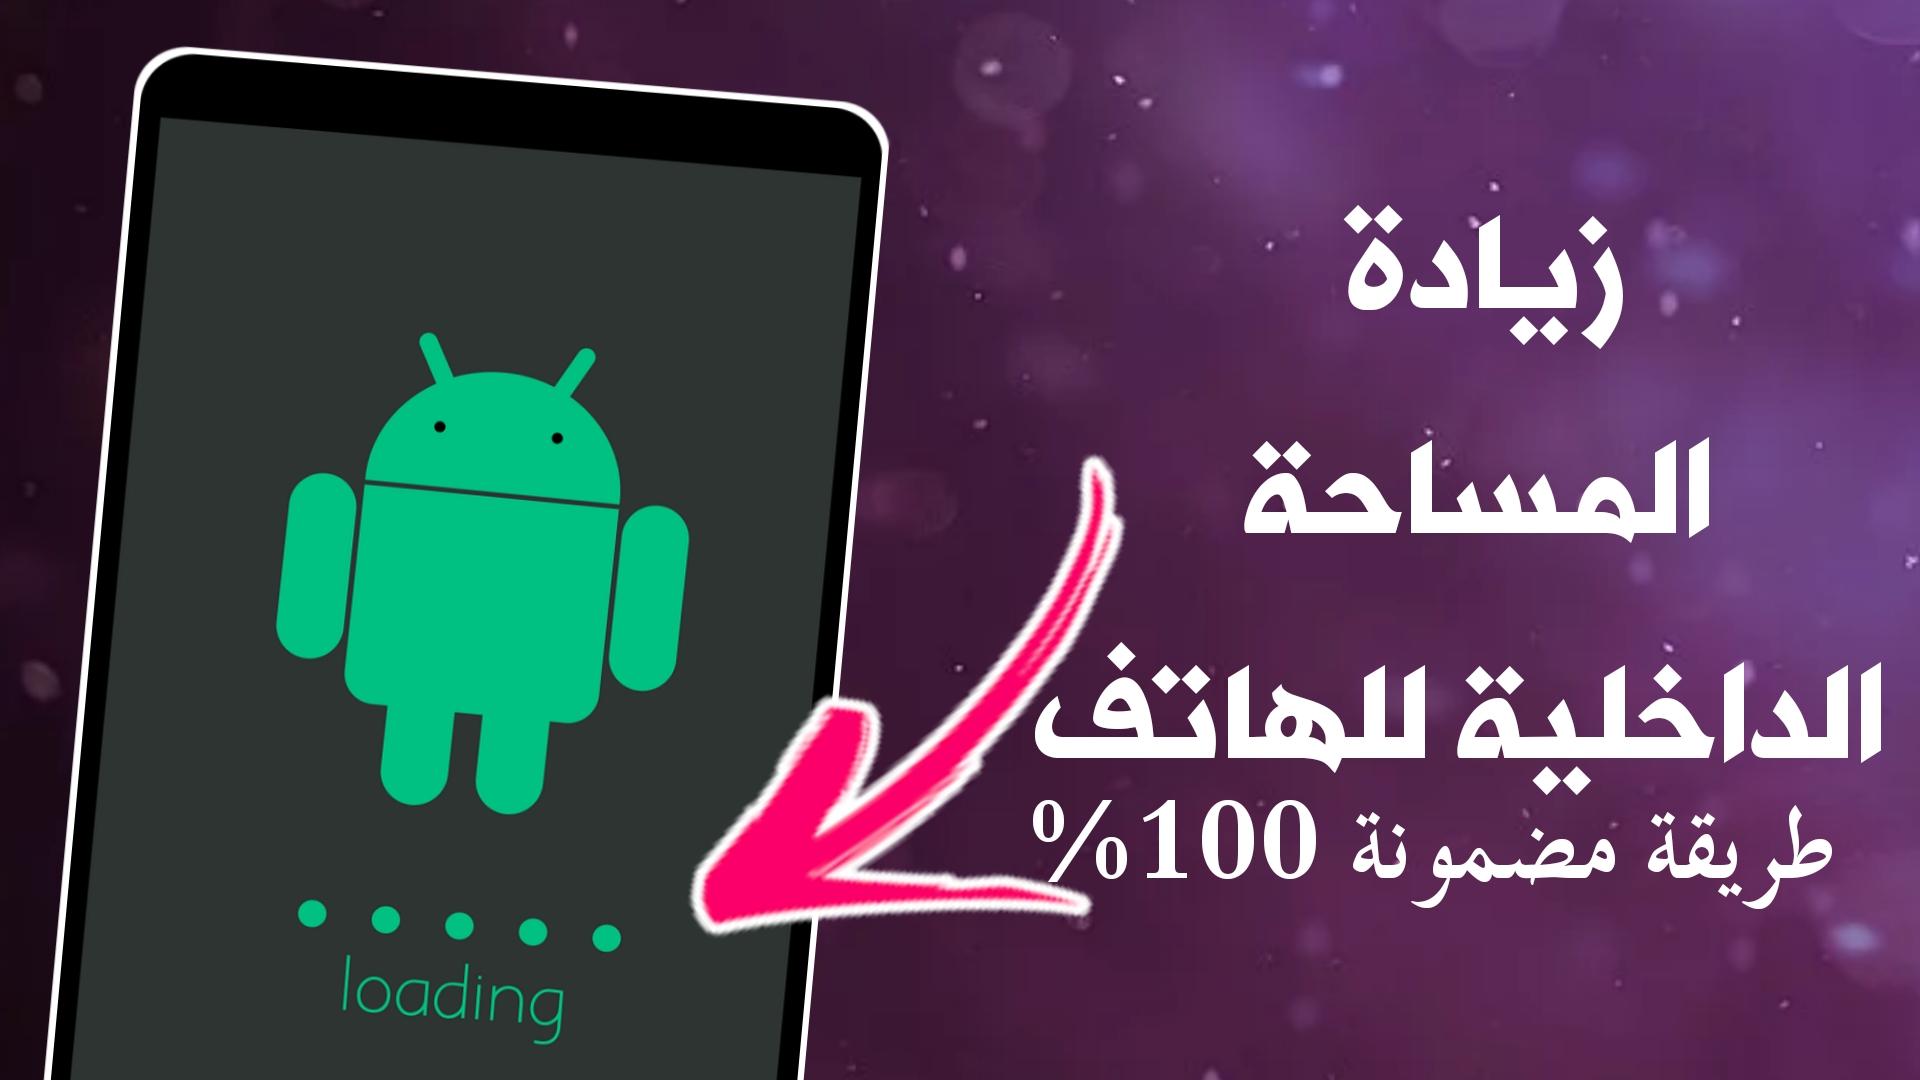 زيادة المساحة الداخلية للهواتف الذكية الضعيفة والمتوسطة !!!طريقة مضمونة 100%